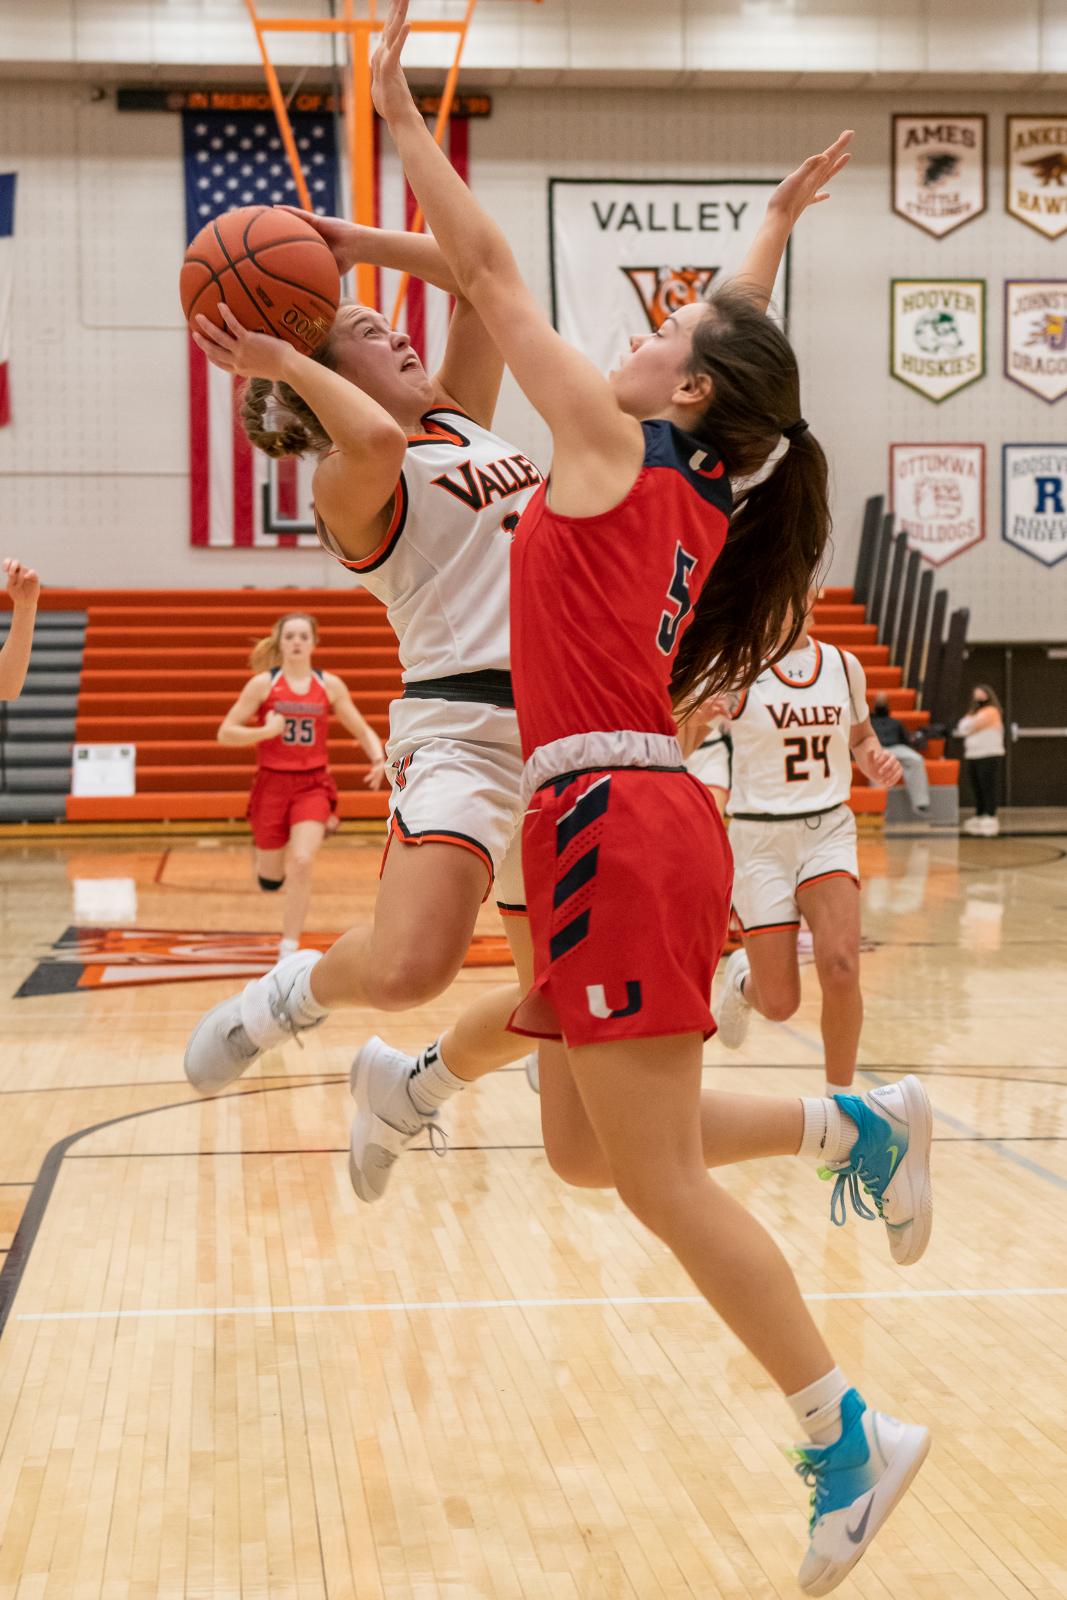 Valley vs. Urbandale varsity girls' basketball on Friday, Feb. 12, 2021.